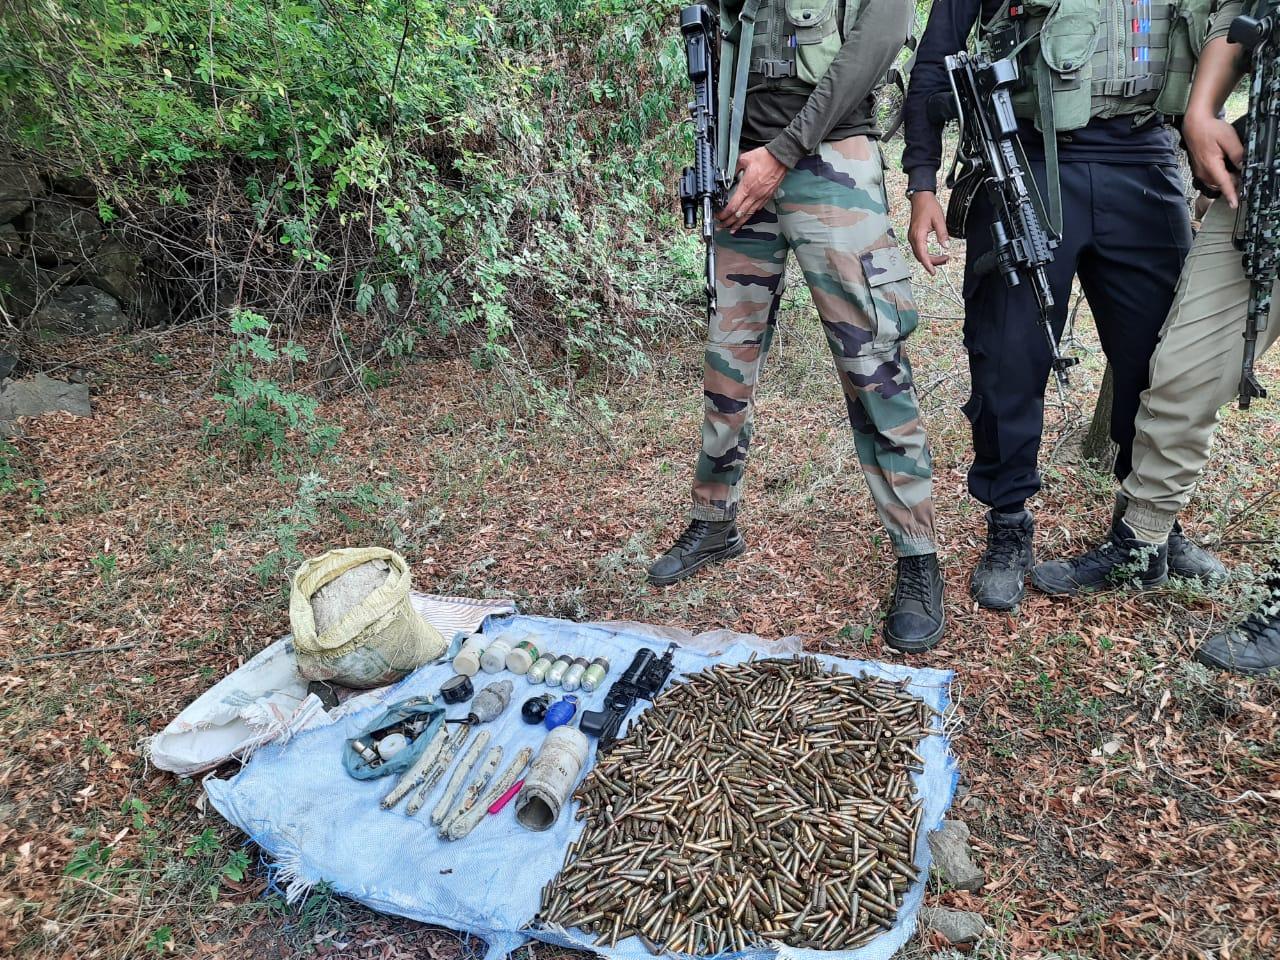 अवंतीपोरा में धमाका हुआ और भारी मात्रा में हथियार और गोला-बारूद बरामद: पुलिस